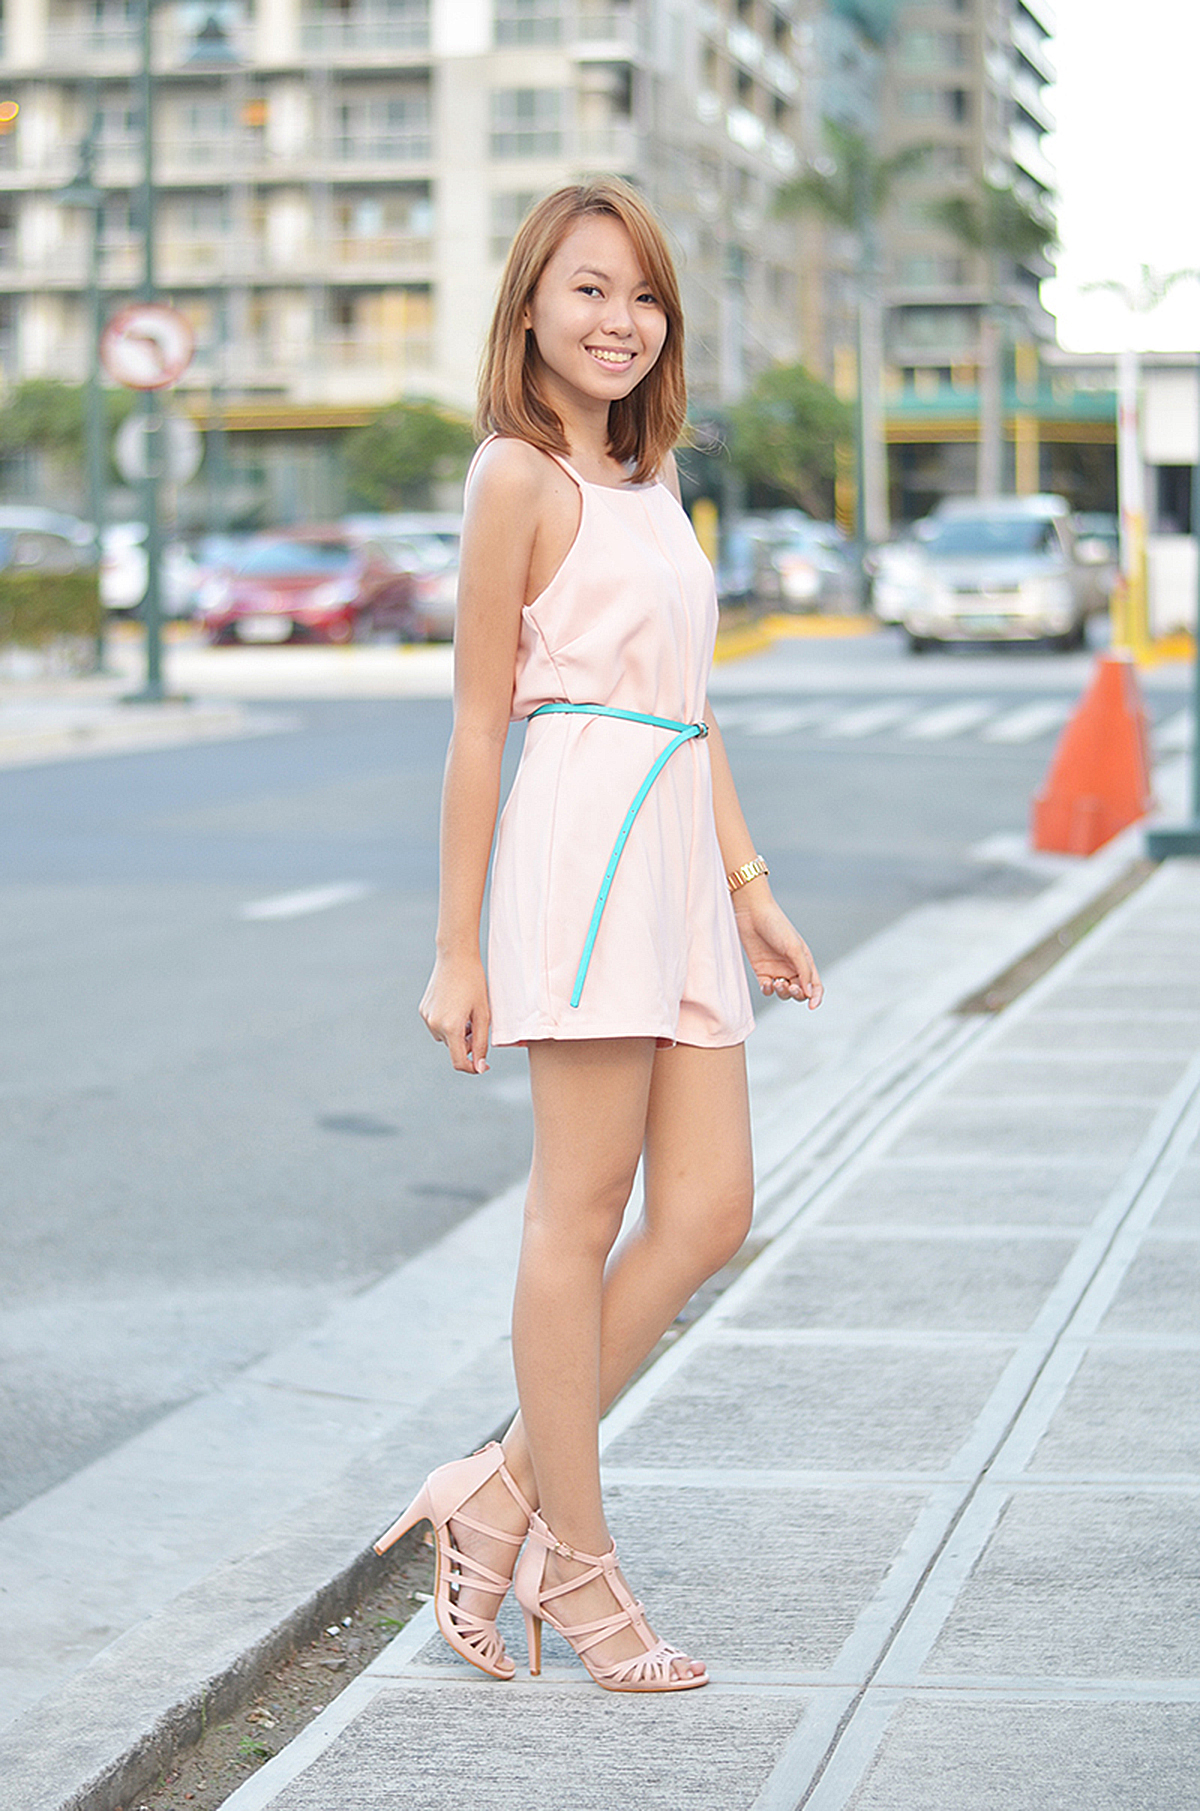 Trice Nagusara